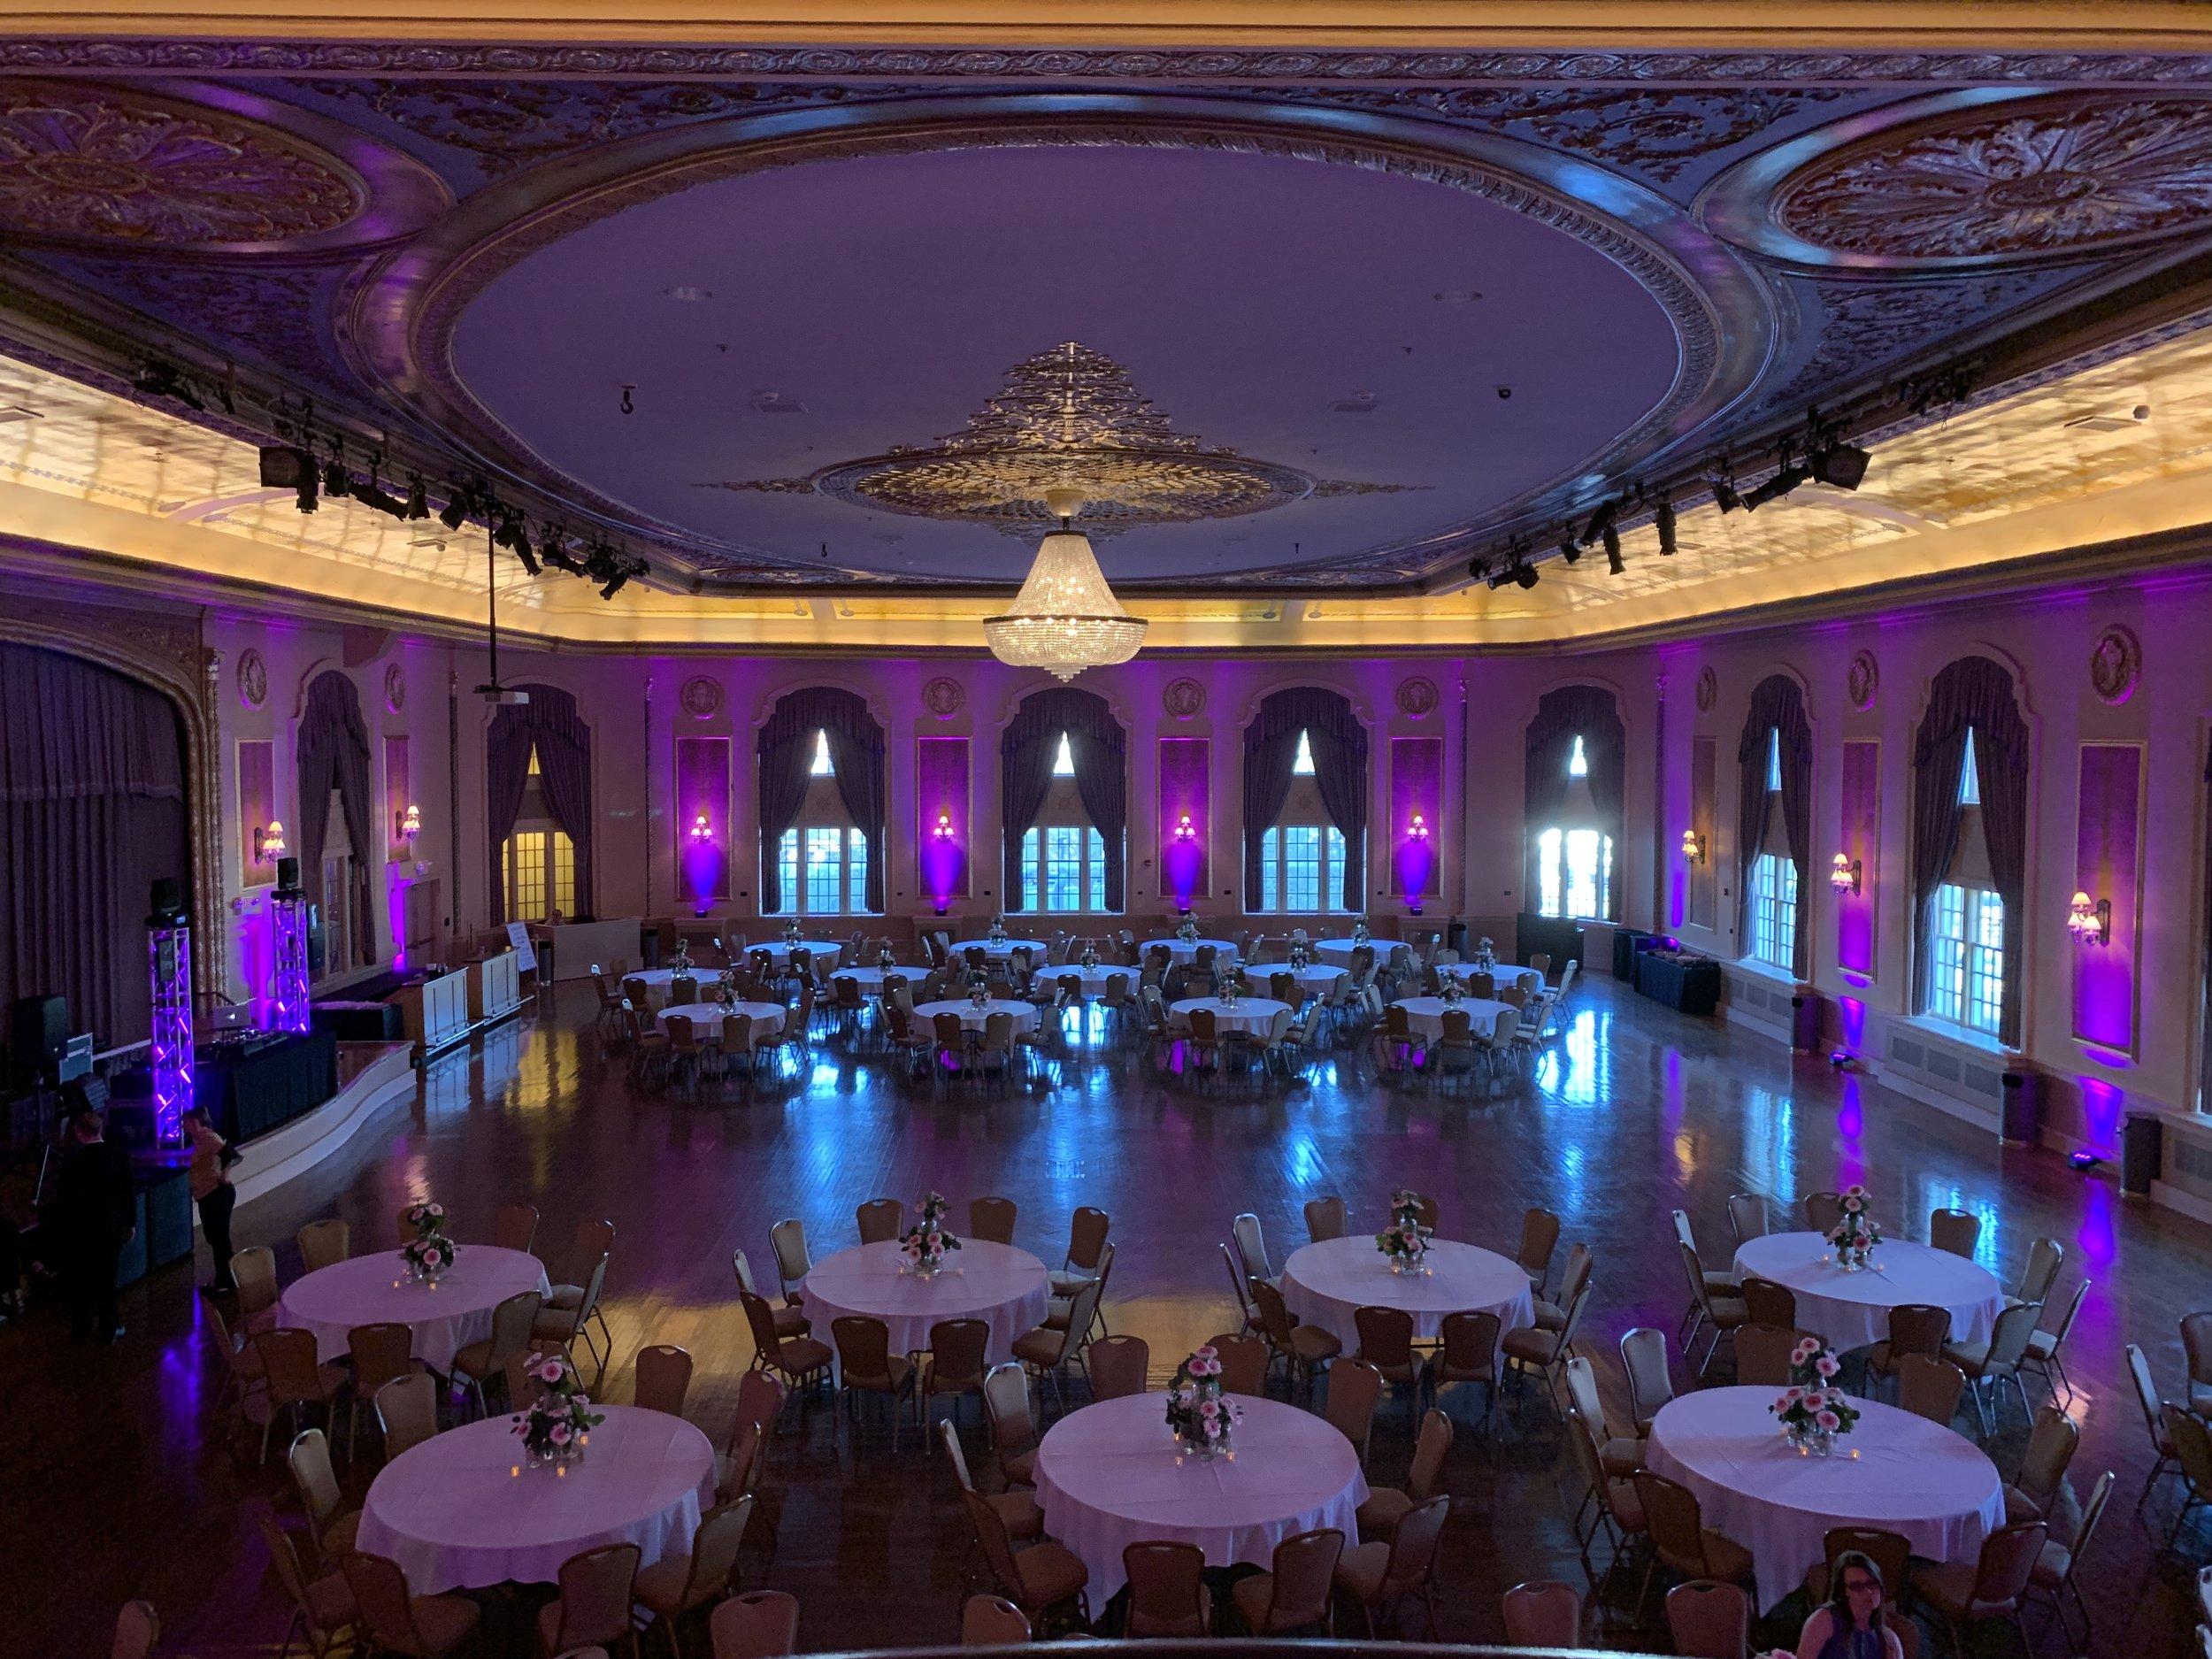 Palais Royale Ballroom with purple uplighting